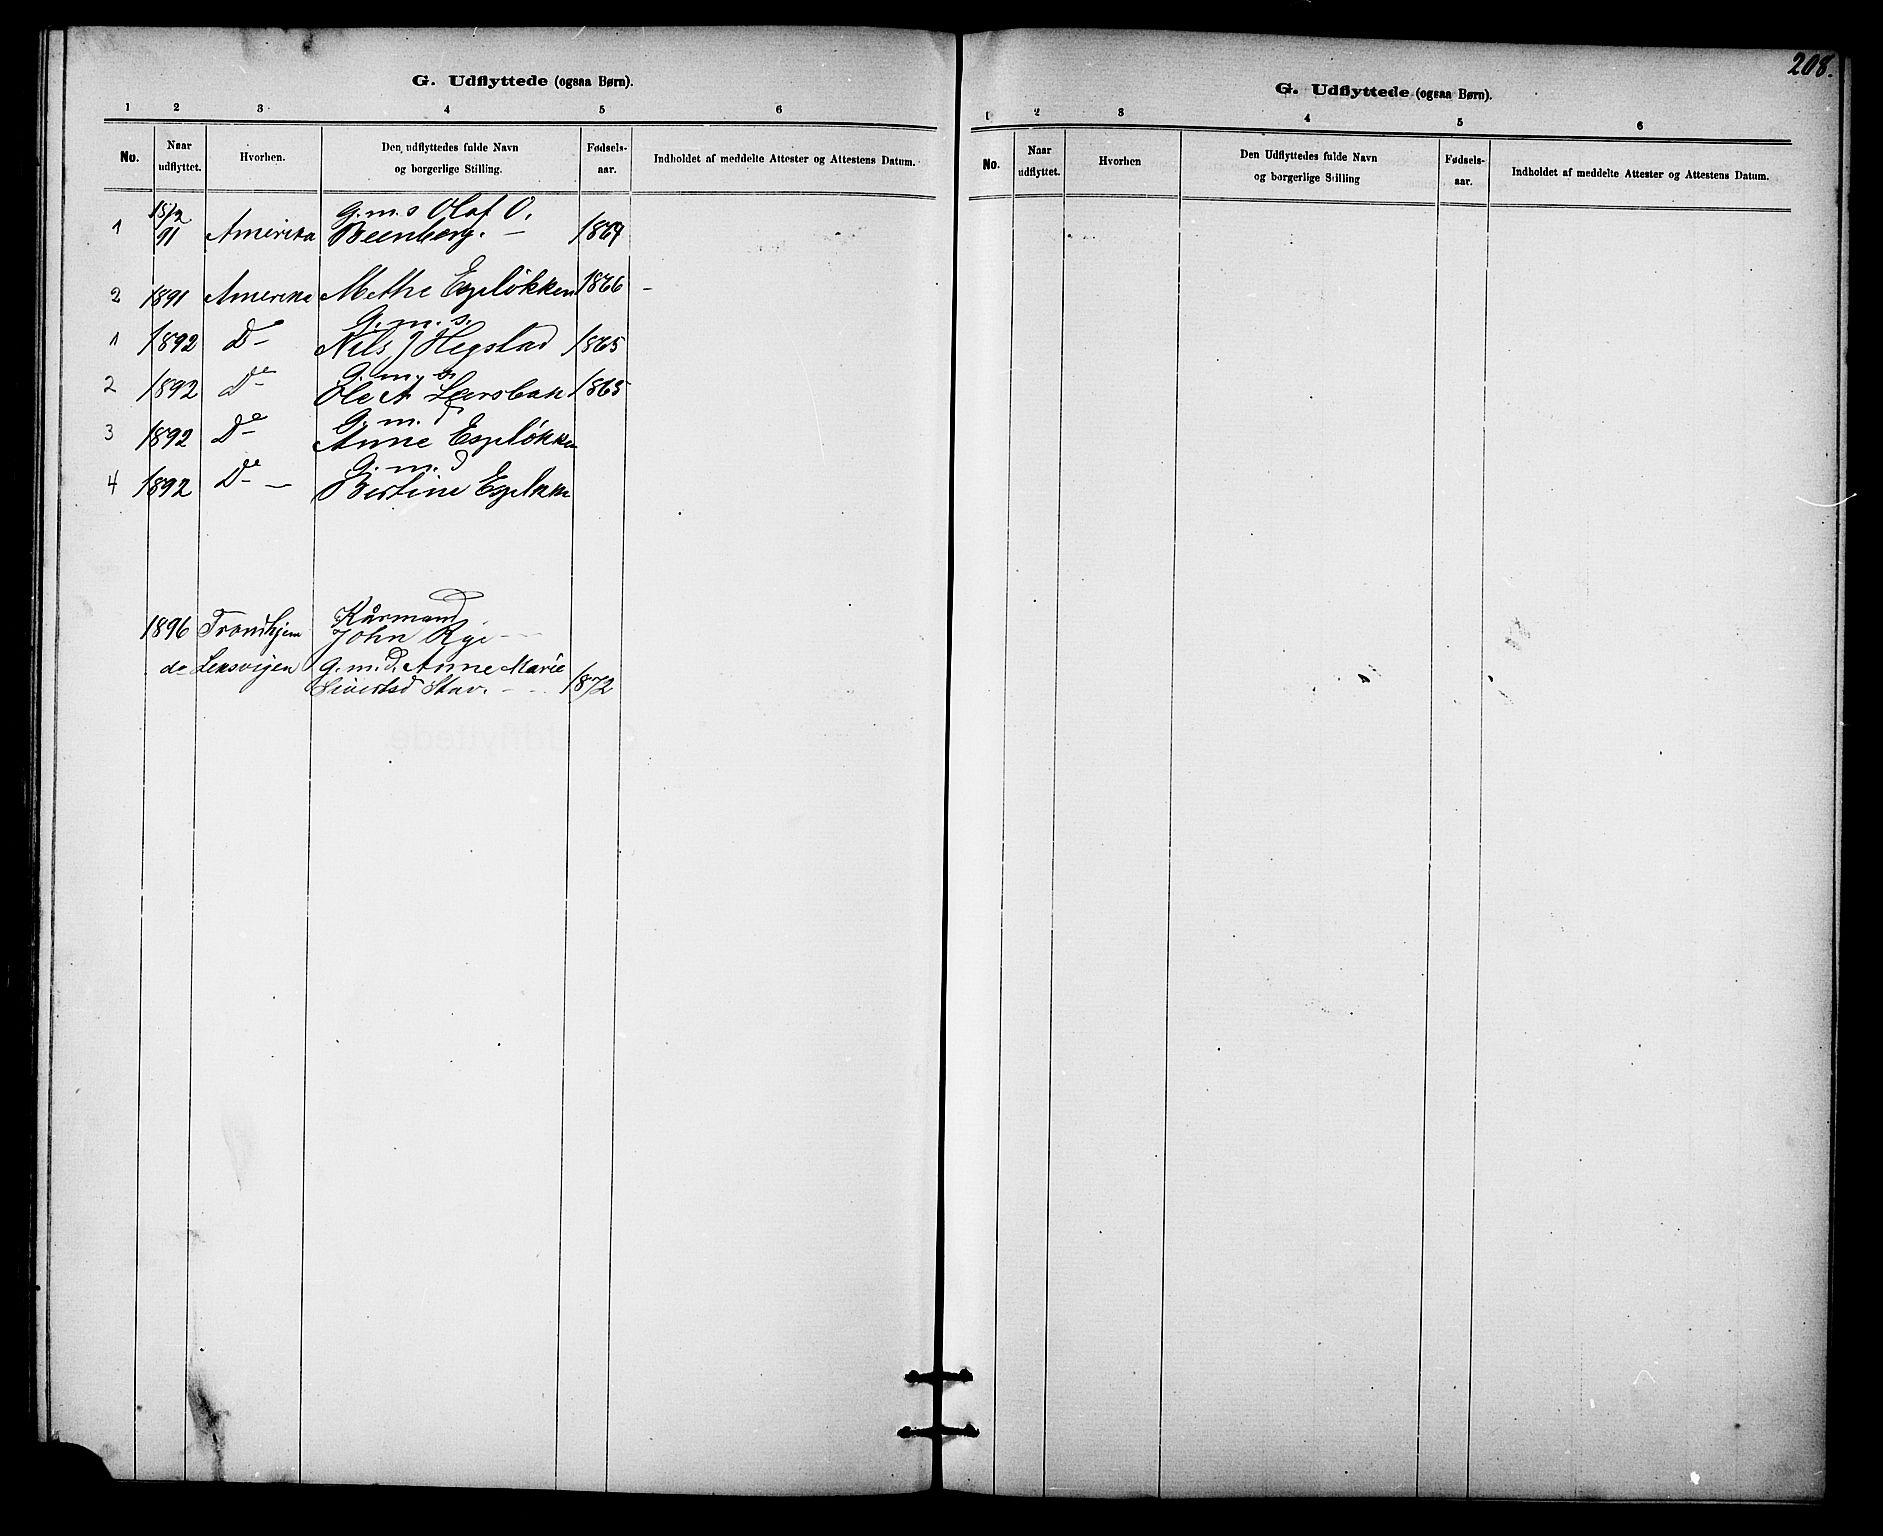 SAT, Ministerialprotokoller, klokkerbøker og fødselsregistre - Sør-Trøndelag, 613/L0395: Klokkerbok nr. 613C03, 1887-1909, s. 208